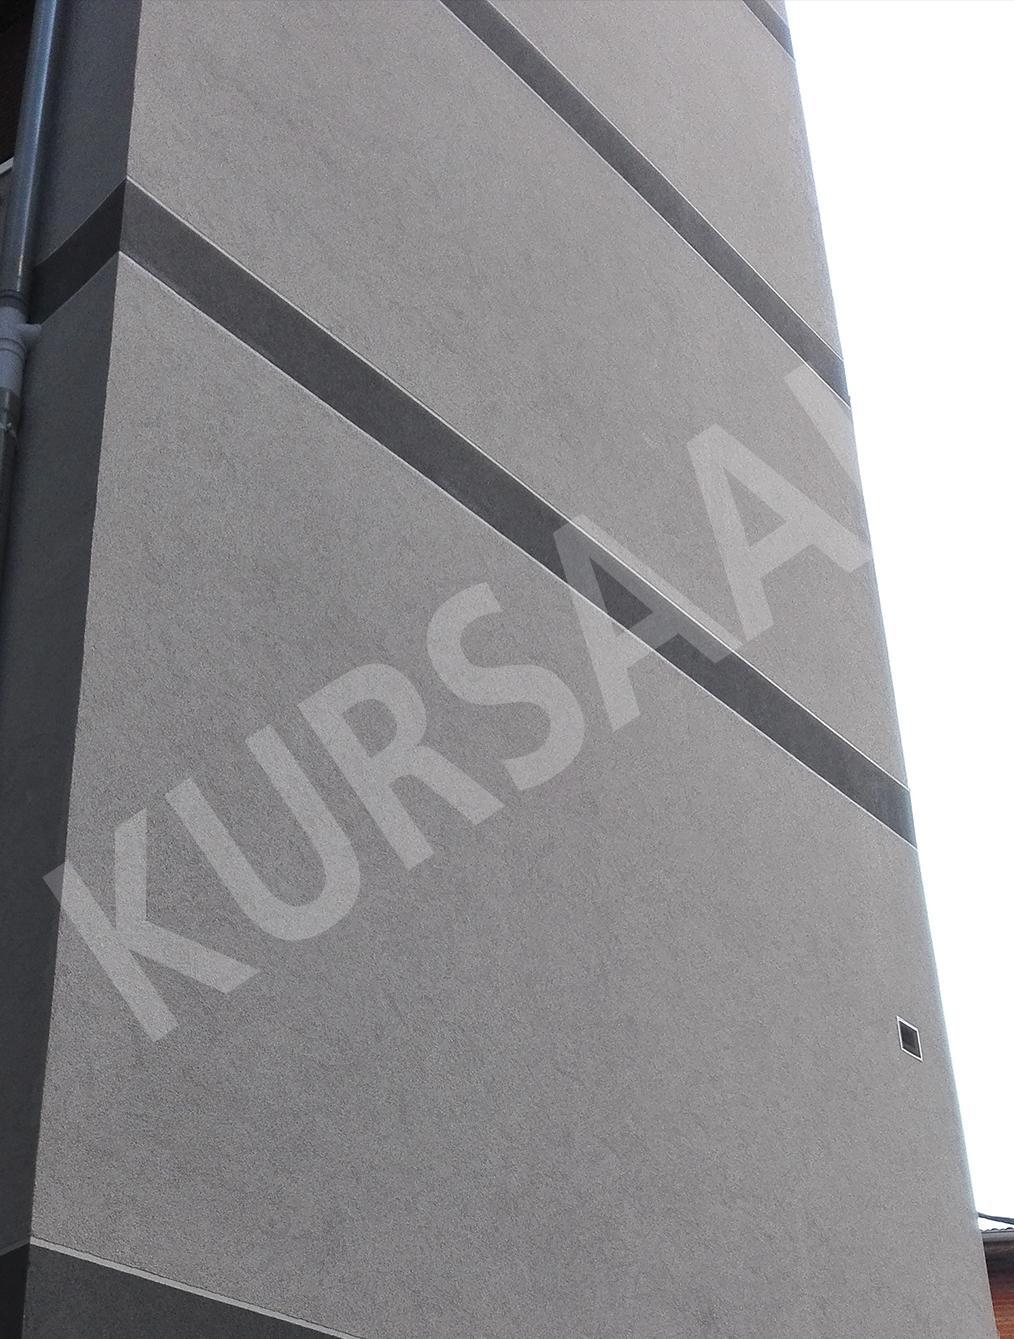 foto 5 - Aislamientos Térmicos y Eficiencia Energética-Egia 24 BIS-DONOSTIA, GIPUZKOA